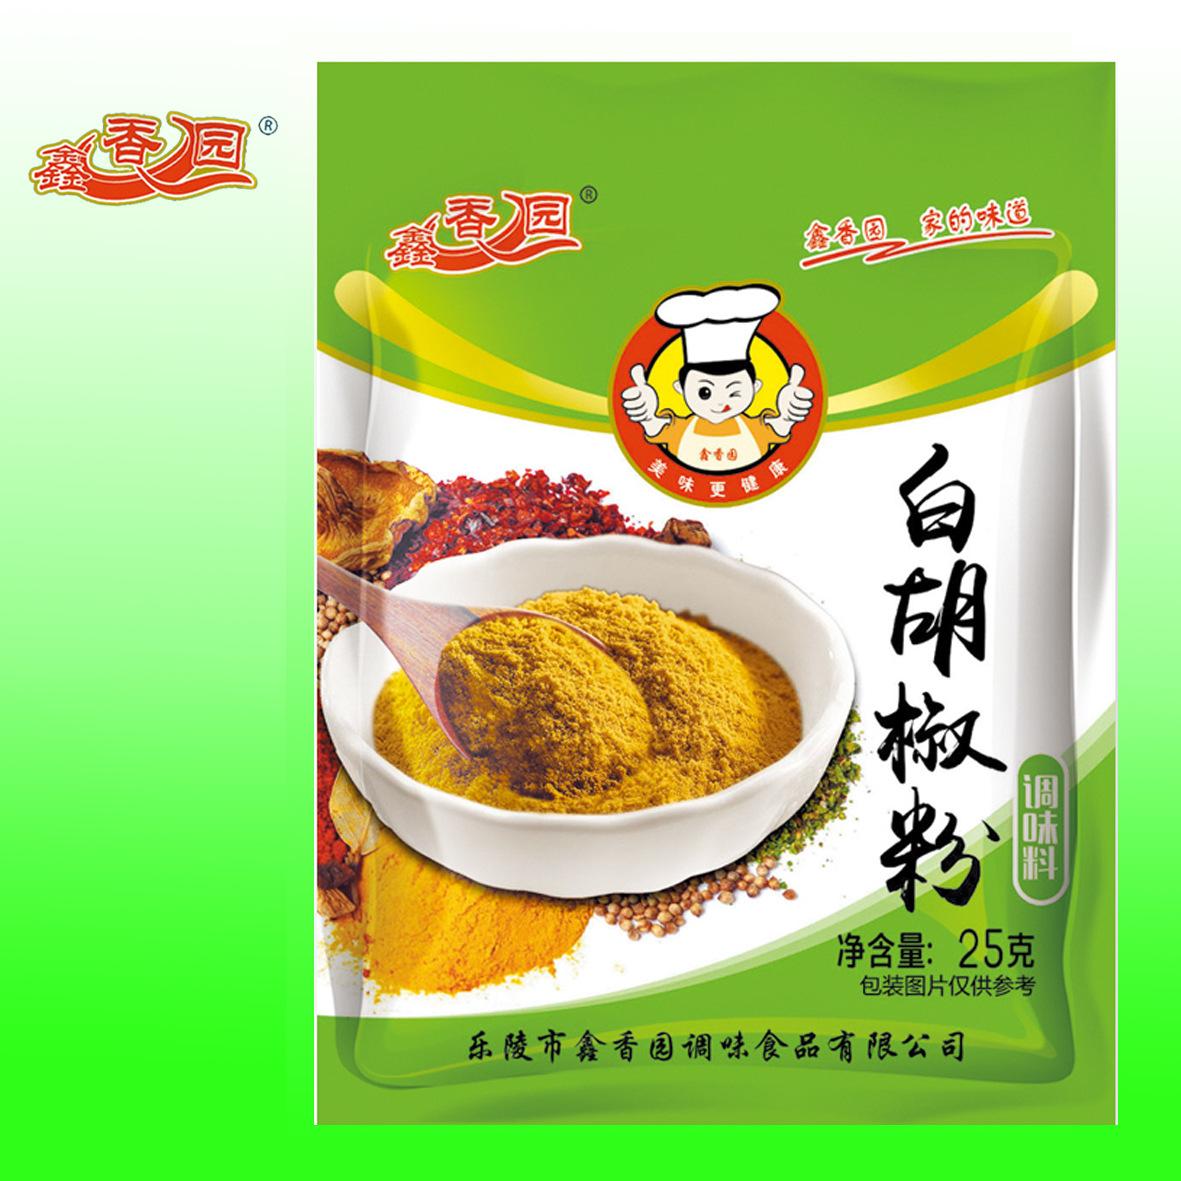 精品大众系列 -白胡椒粉